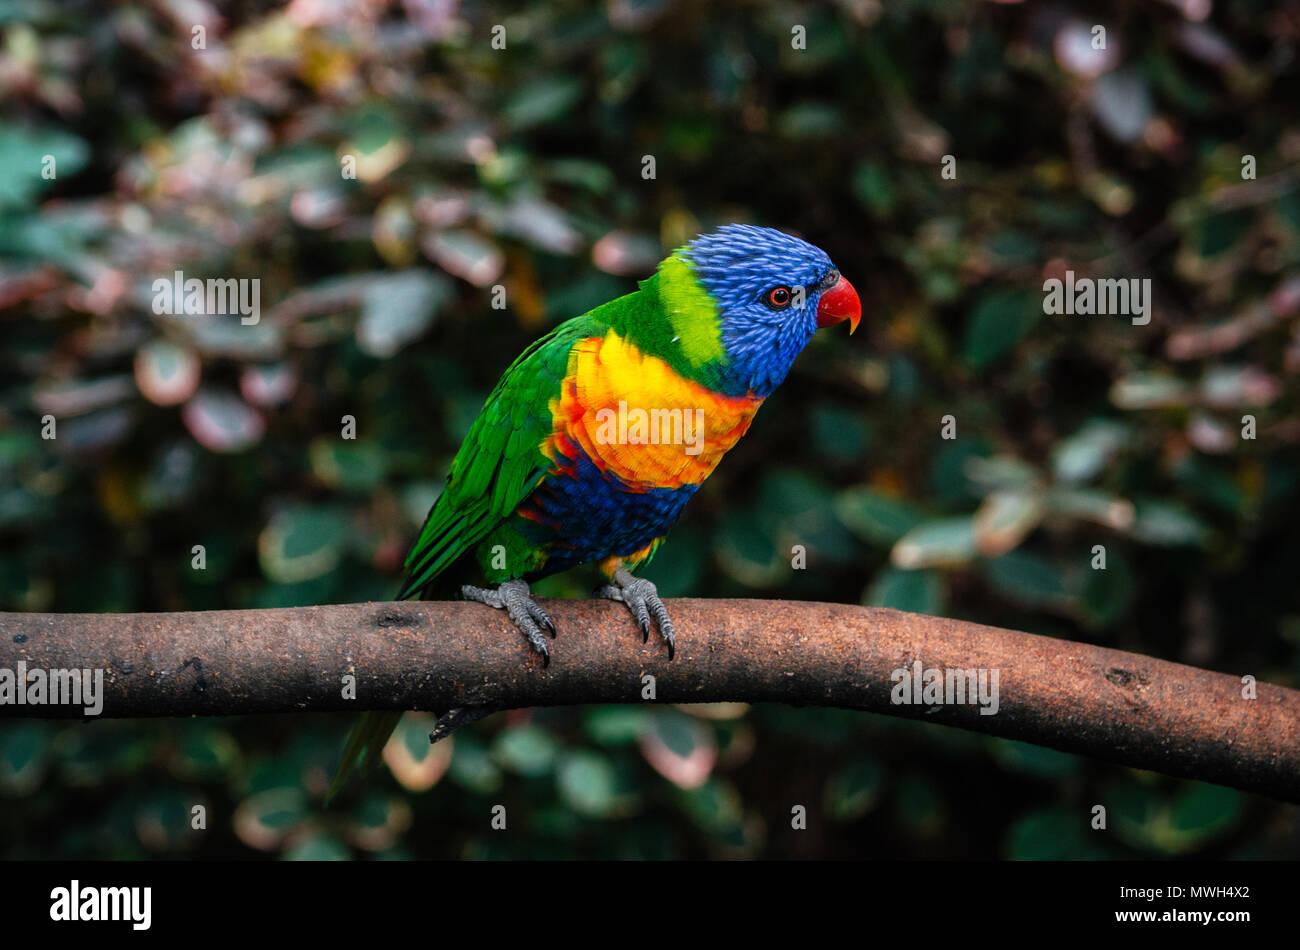 Lori perroquet coloré ou Loriinae avec blue head est assis sur la branche d'un arbre en forêt close up Photo Stock